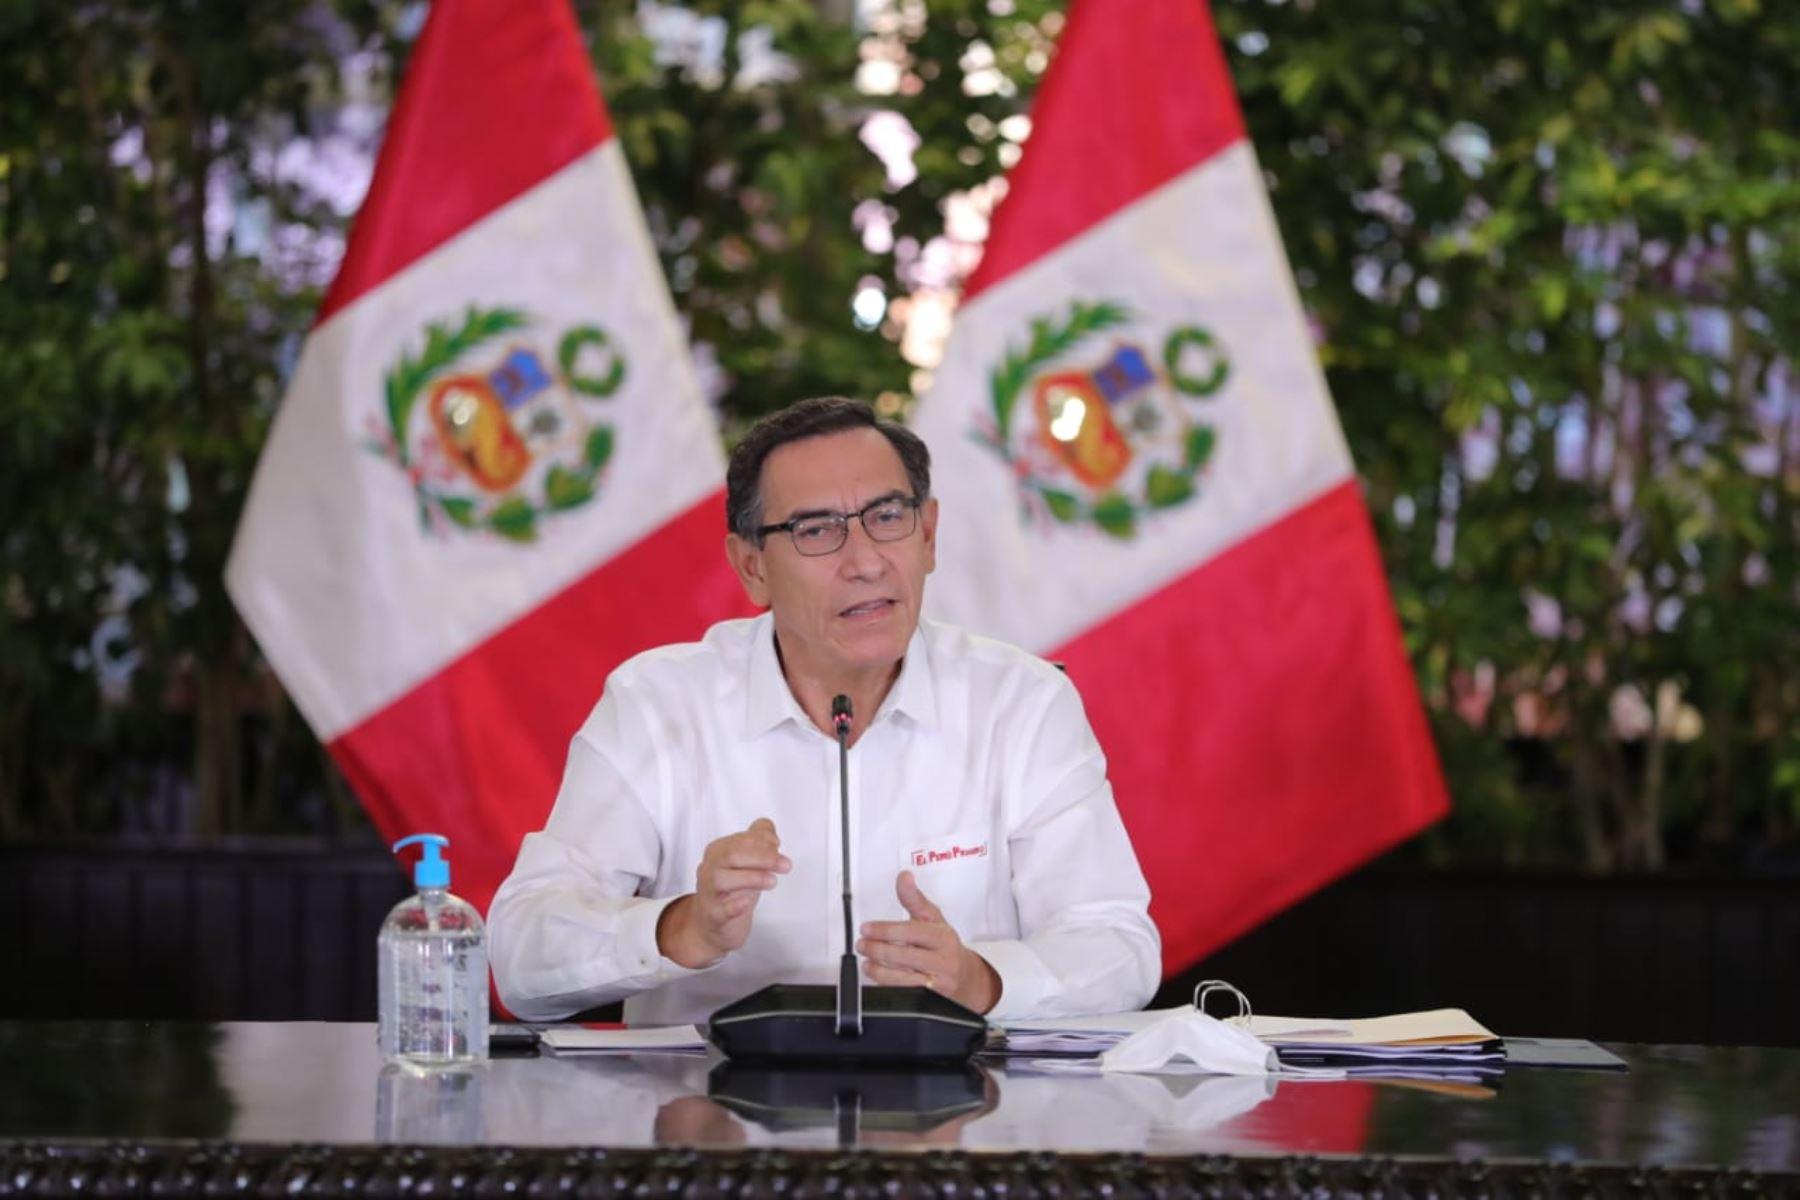 El Presidente de la República, Martín Vizcarra, informa las medidas adoptadas por el Gobierno frente al coronavirus. Foto: ANDINA/Prensa Presidencia